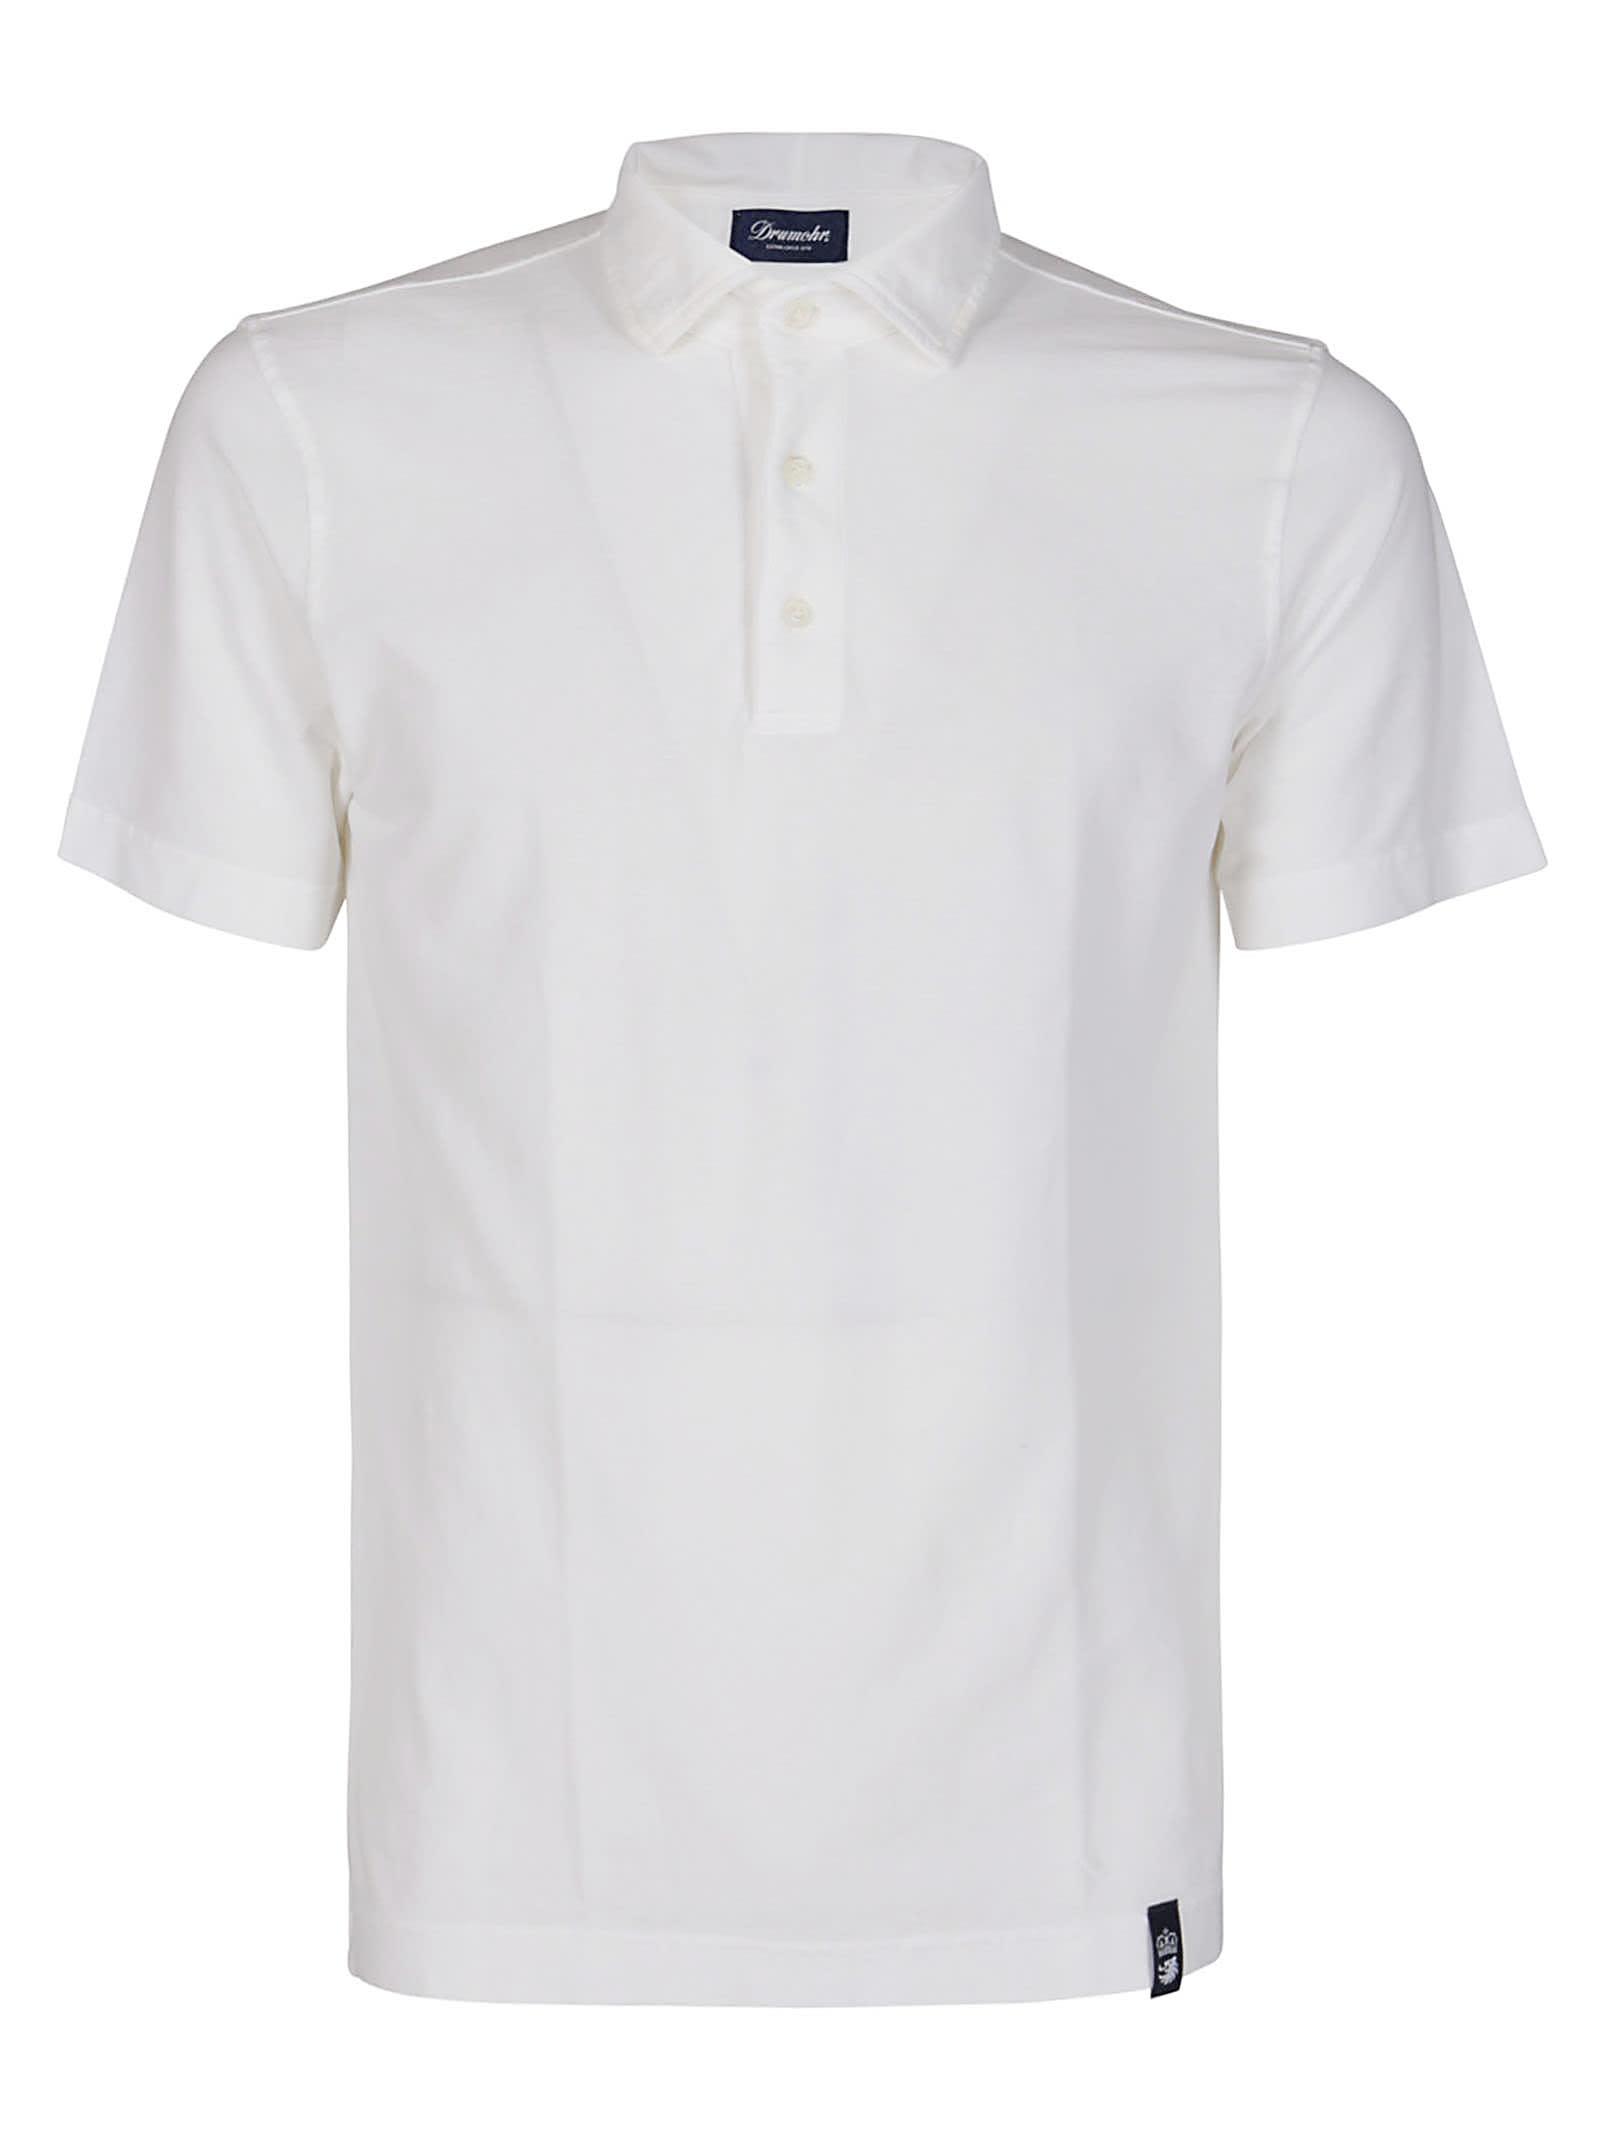 Drumohr White Cotton Polo Shirt